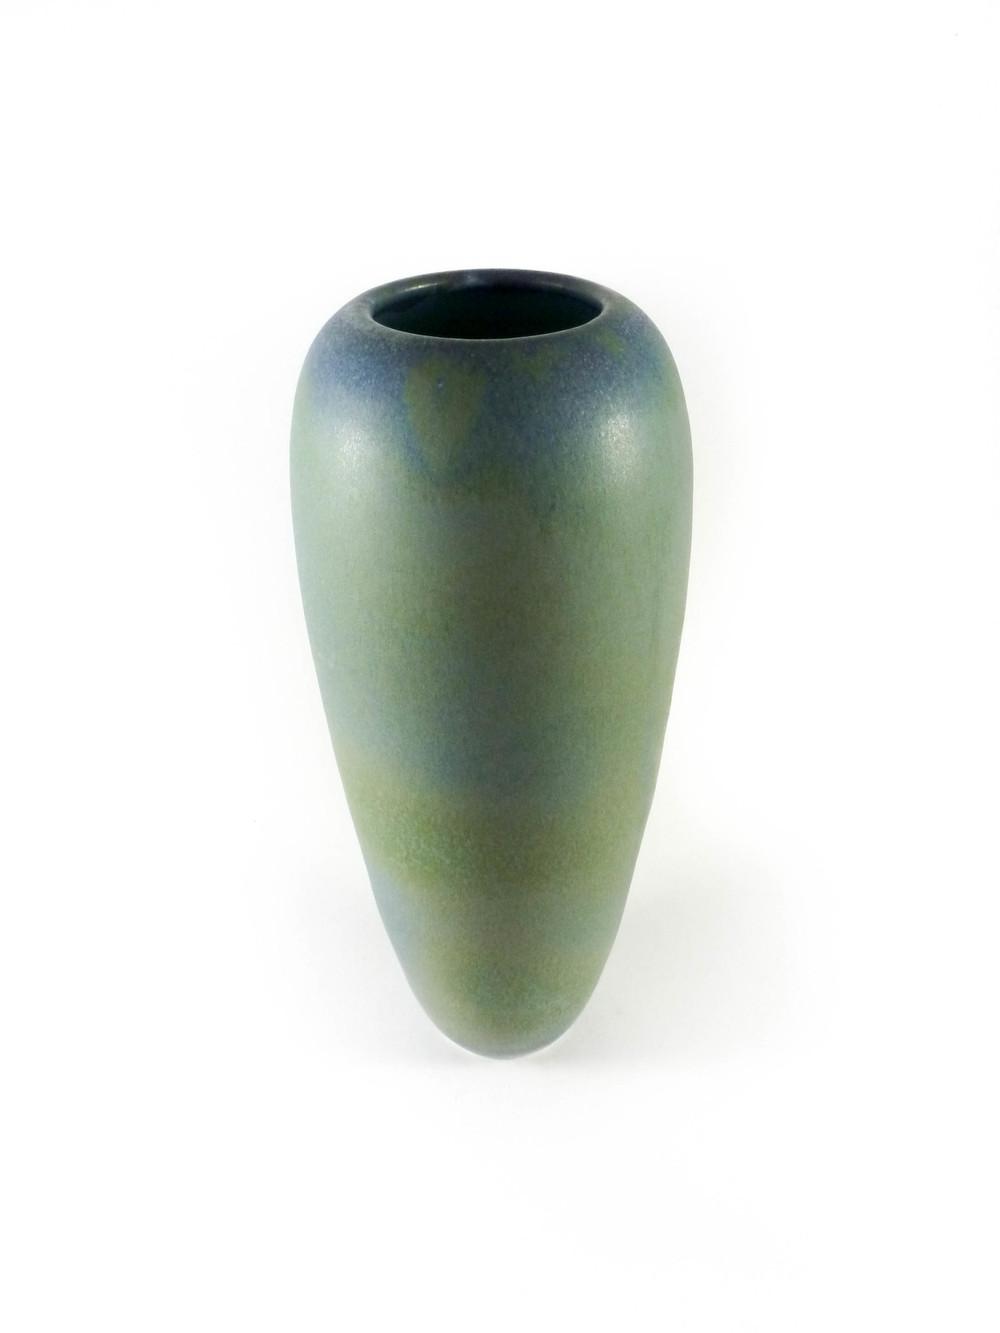 Vases 11-08